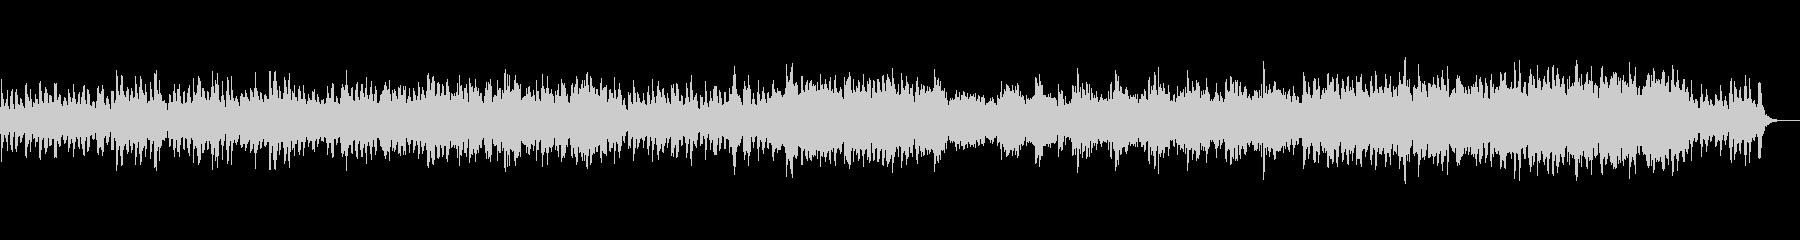 【癒し音楽】静かなヒーリングBGMの未再生の波形